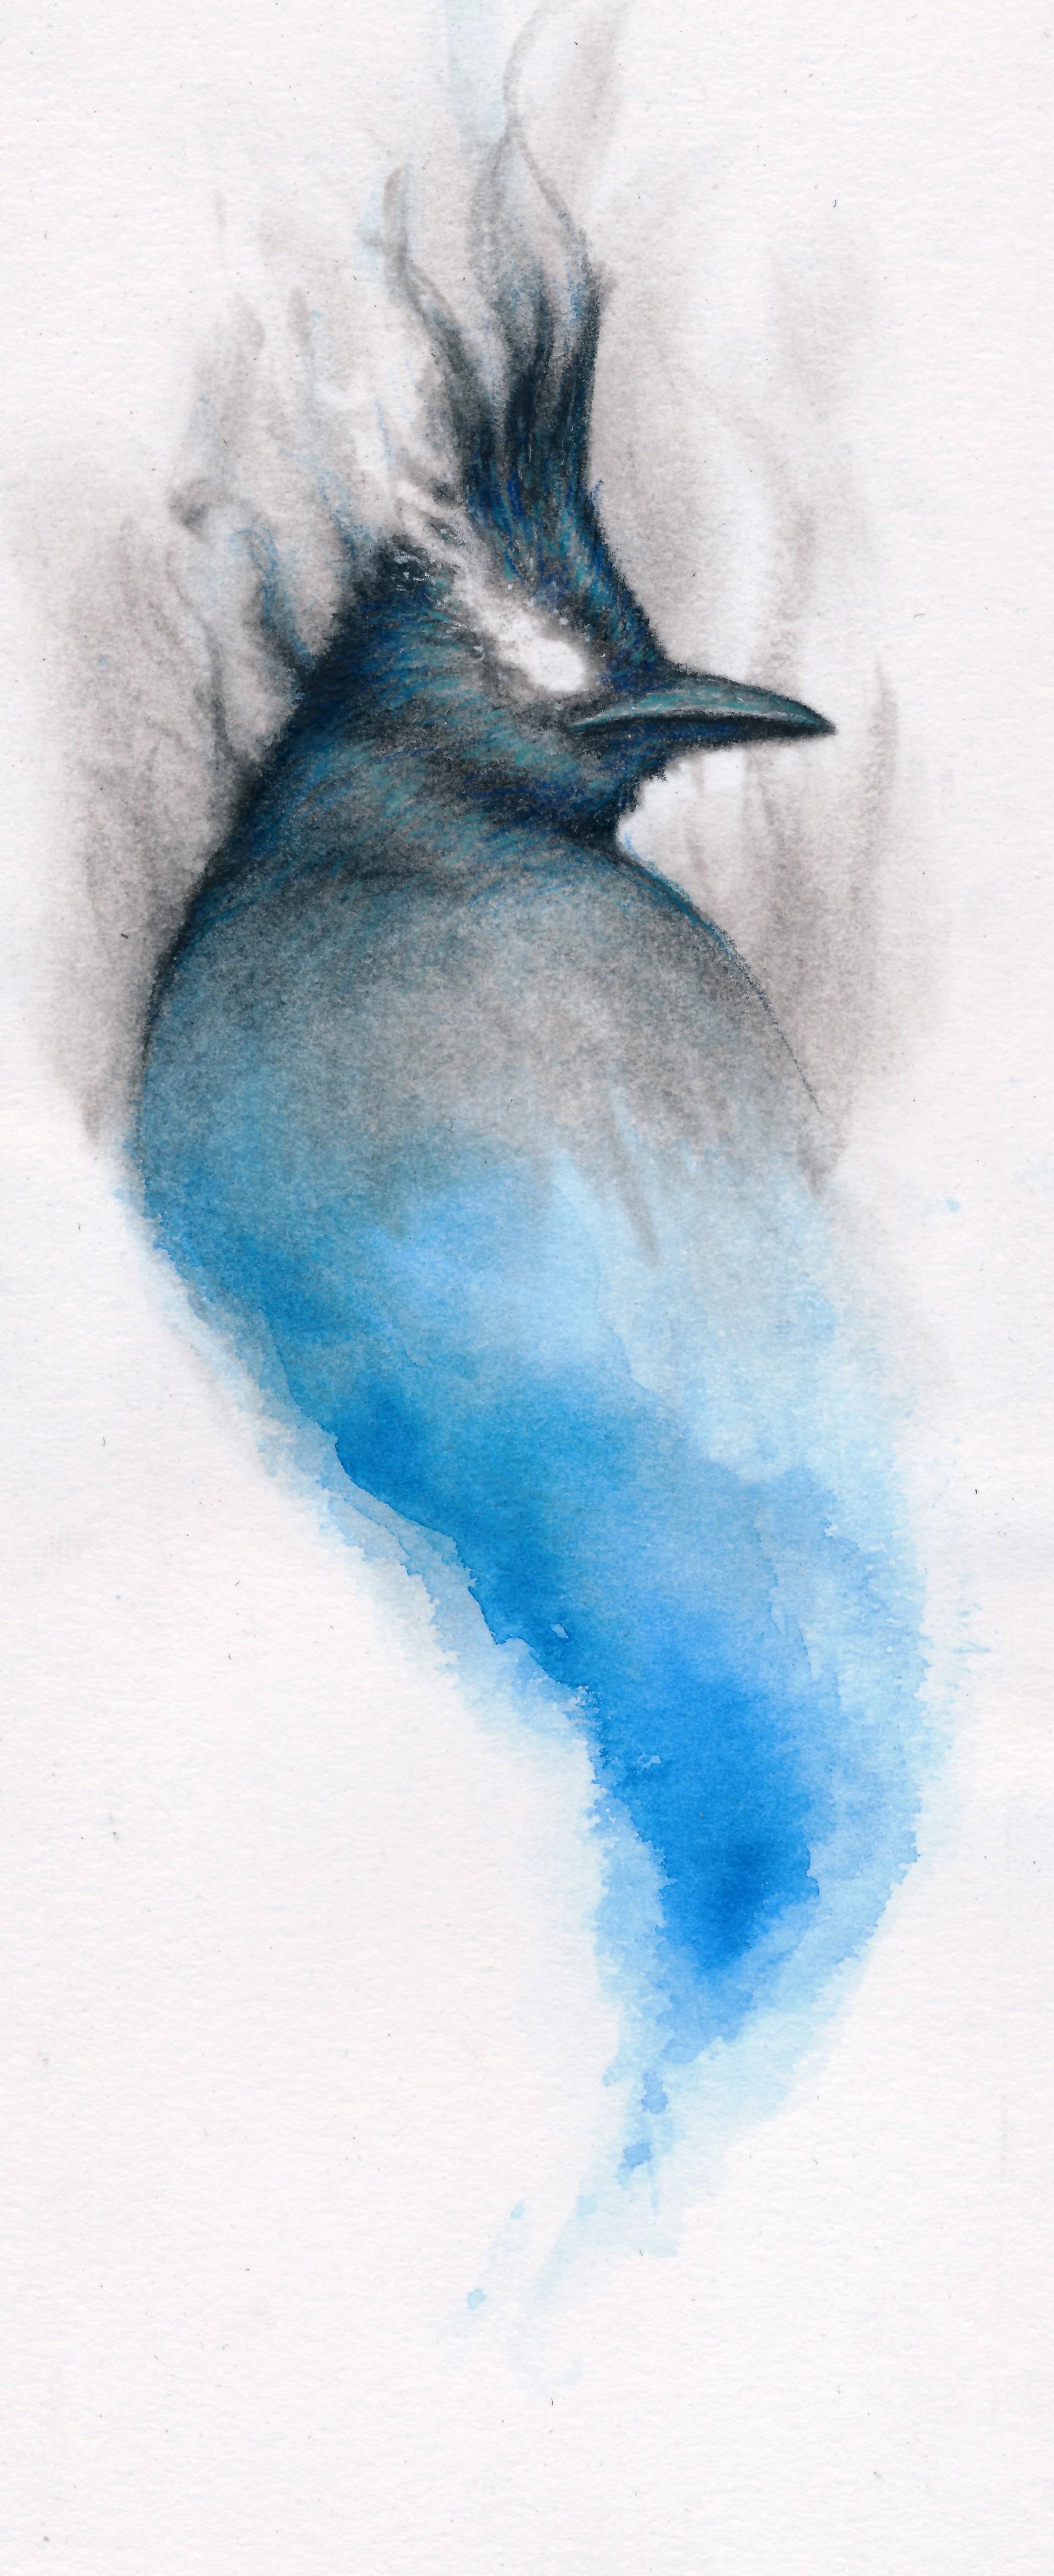 Smokey Stellar Jay by Cody Jimenez